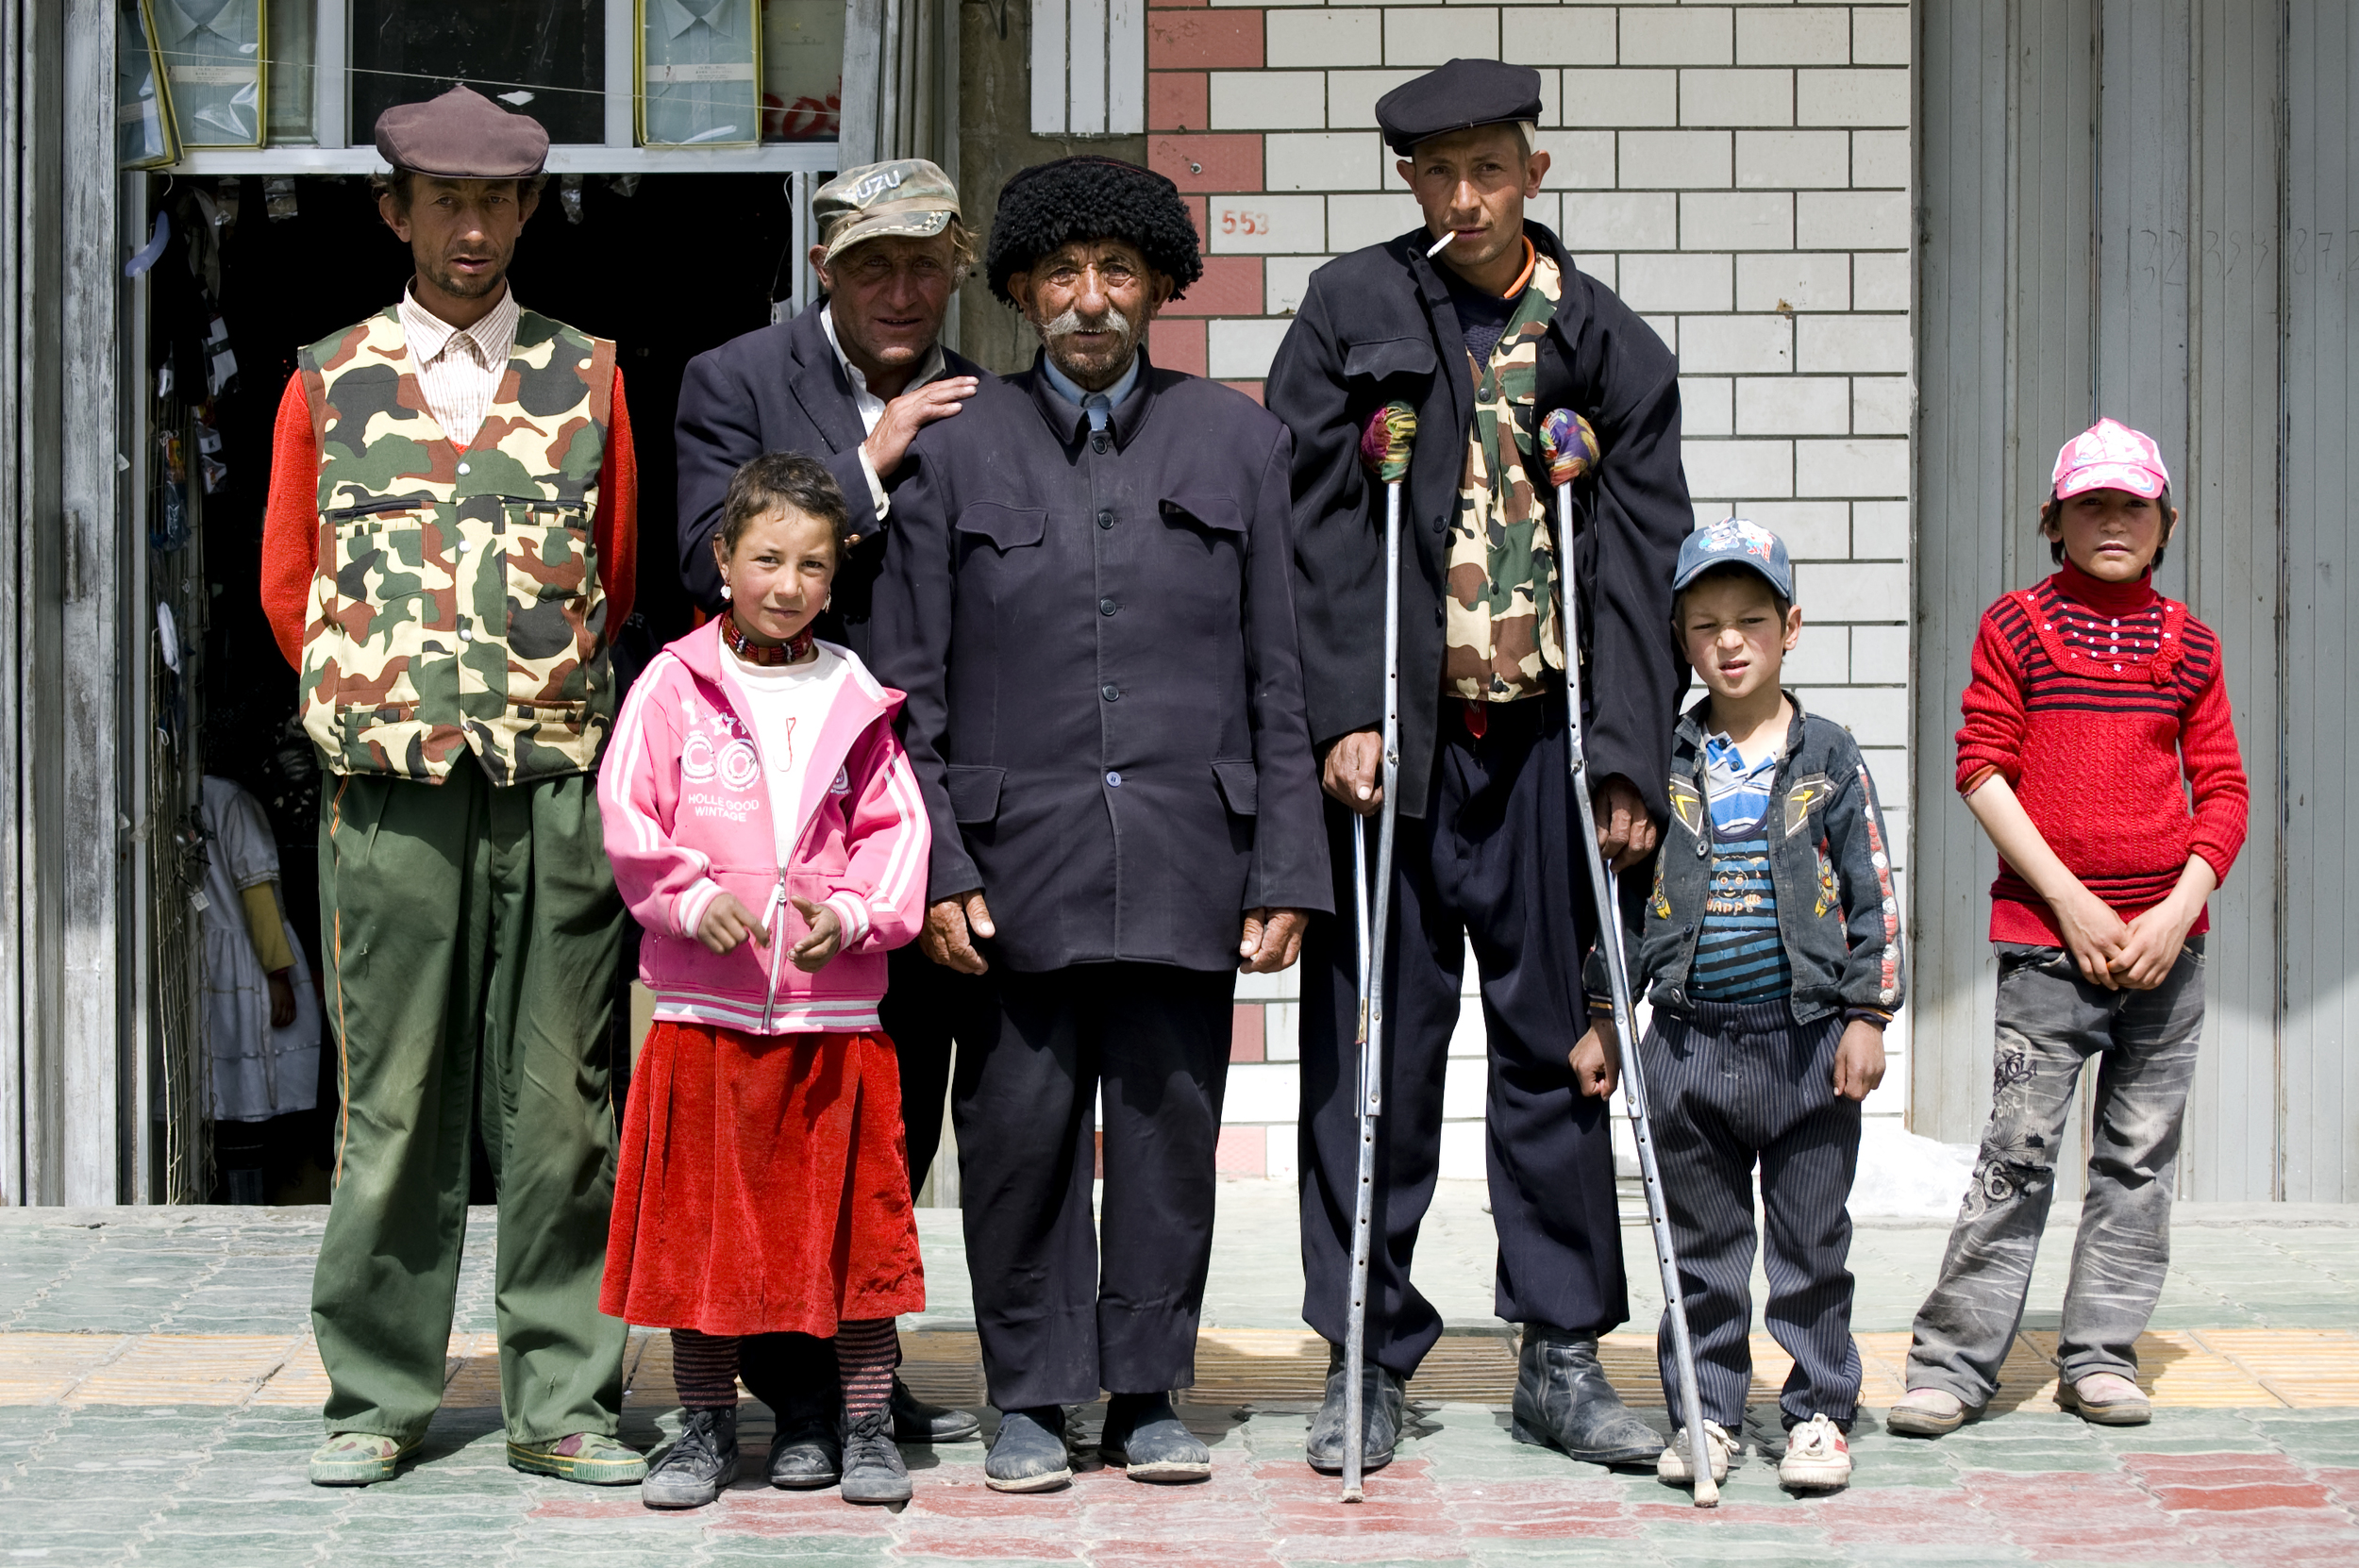 A family happy to pose in Tashkurgan